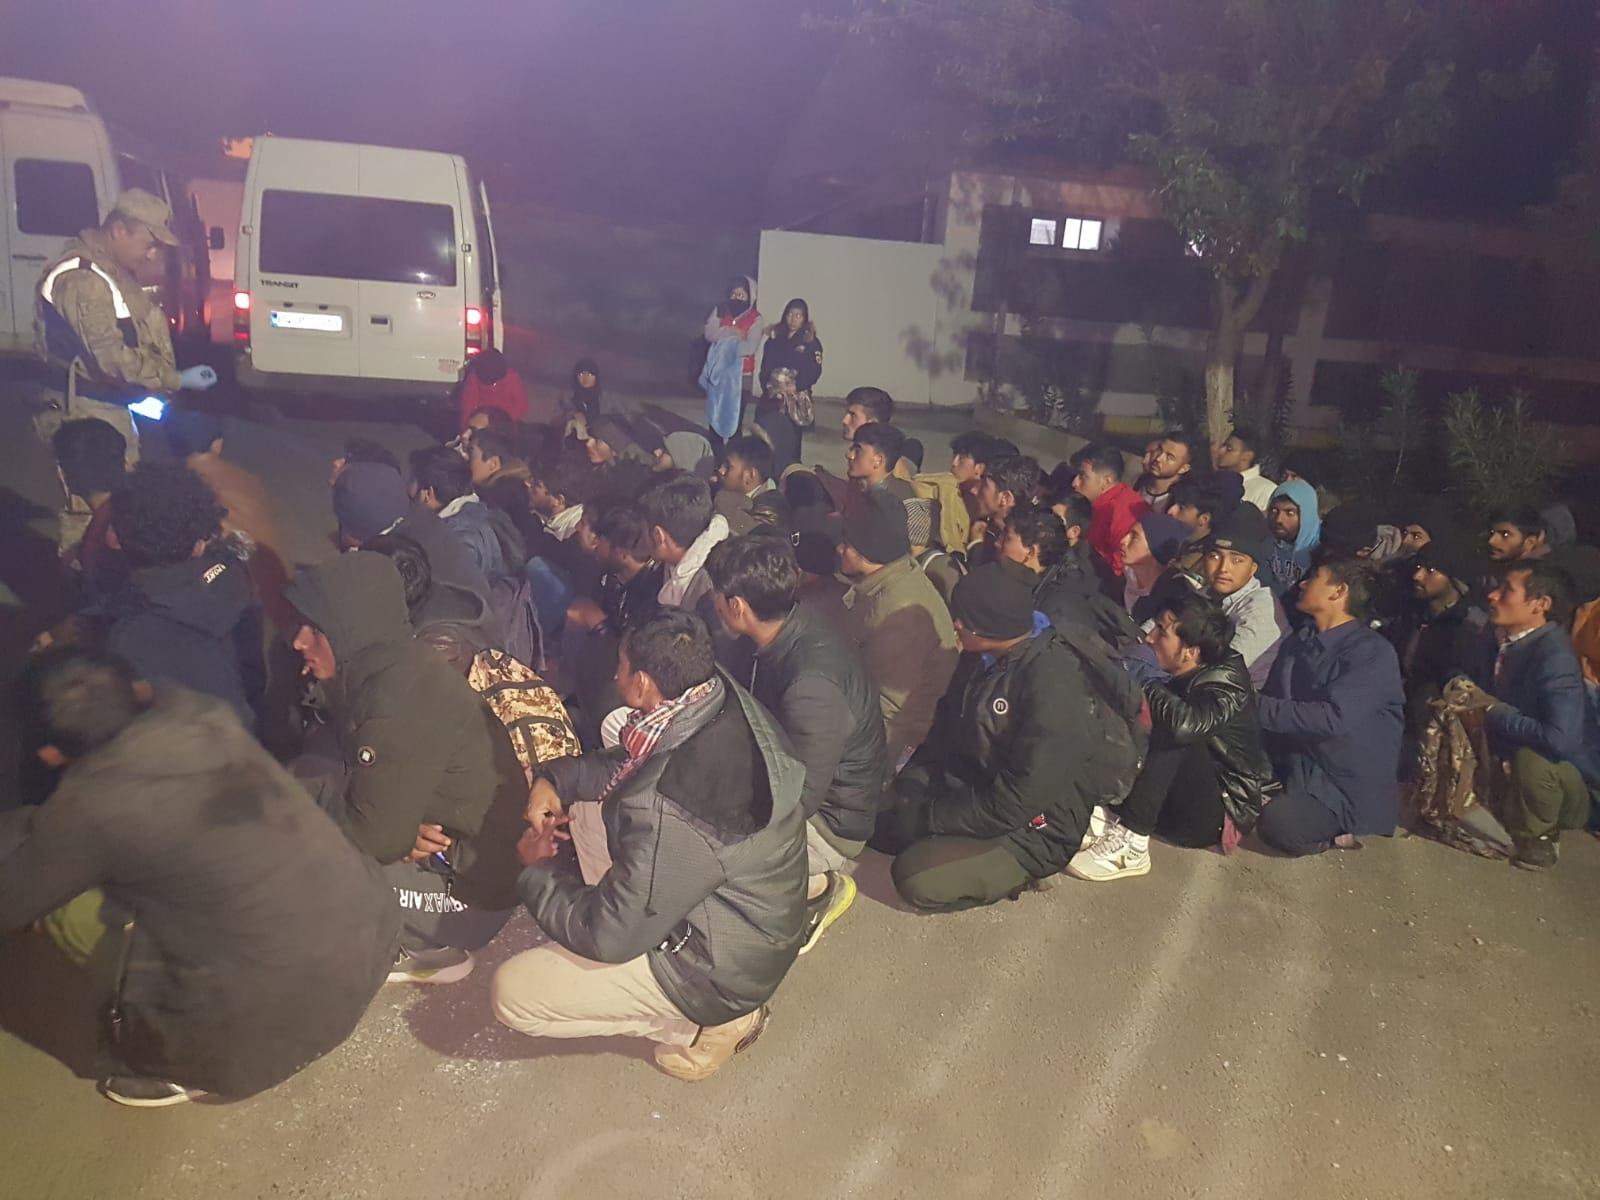 VİDEO - Diyarbakır'da 69 göçmen yakalandı